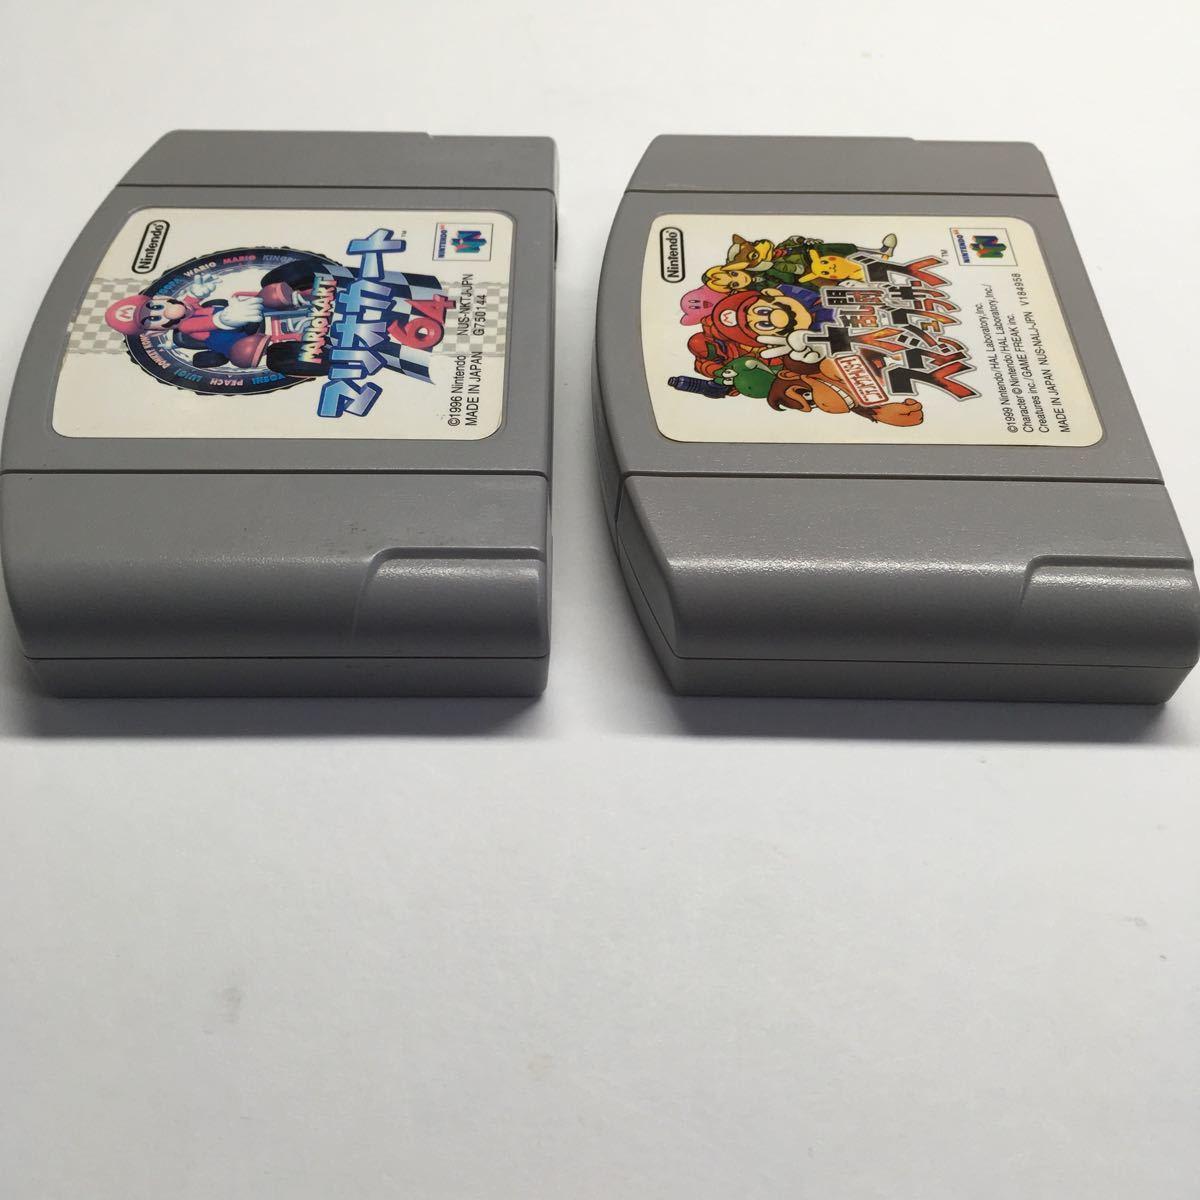 ニンテンドー64 ソフト  大乱闘スマッシュブラザーズ マリオカート64 カセット スマブラ ゲーム ピカチュウ 動作確認済み